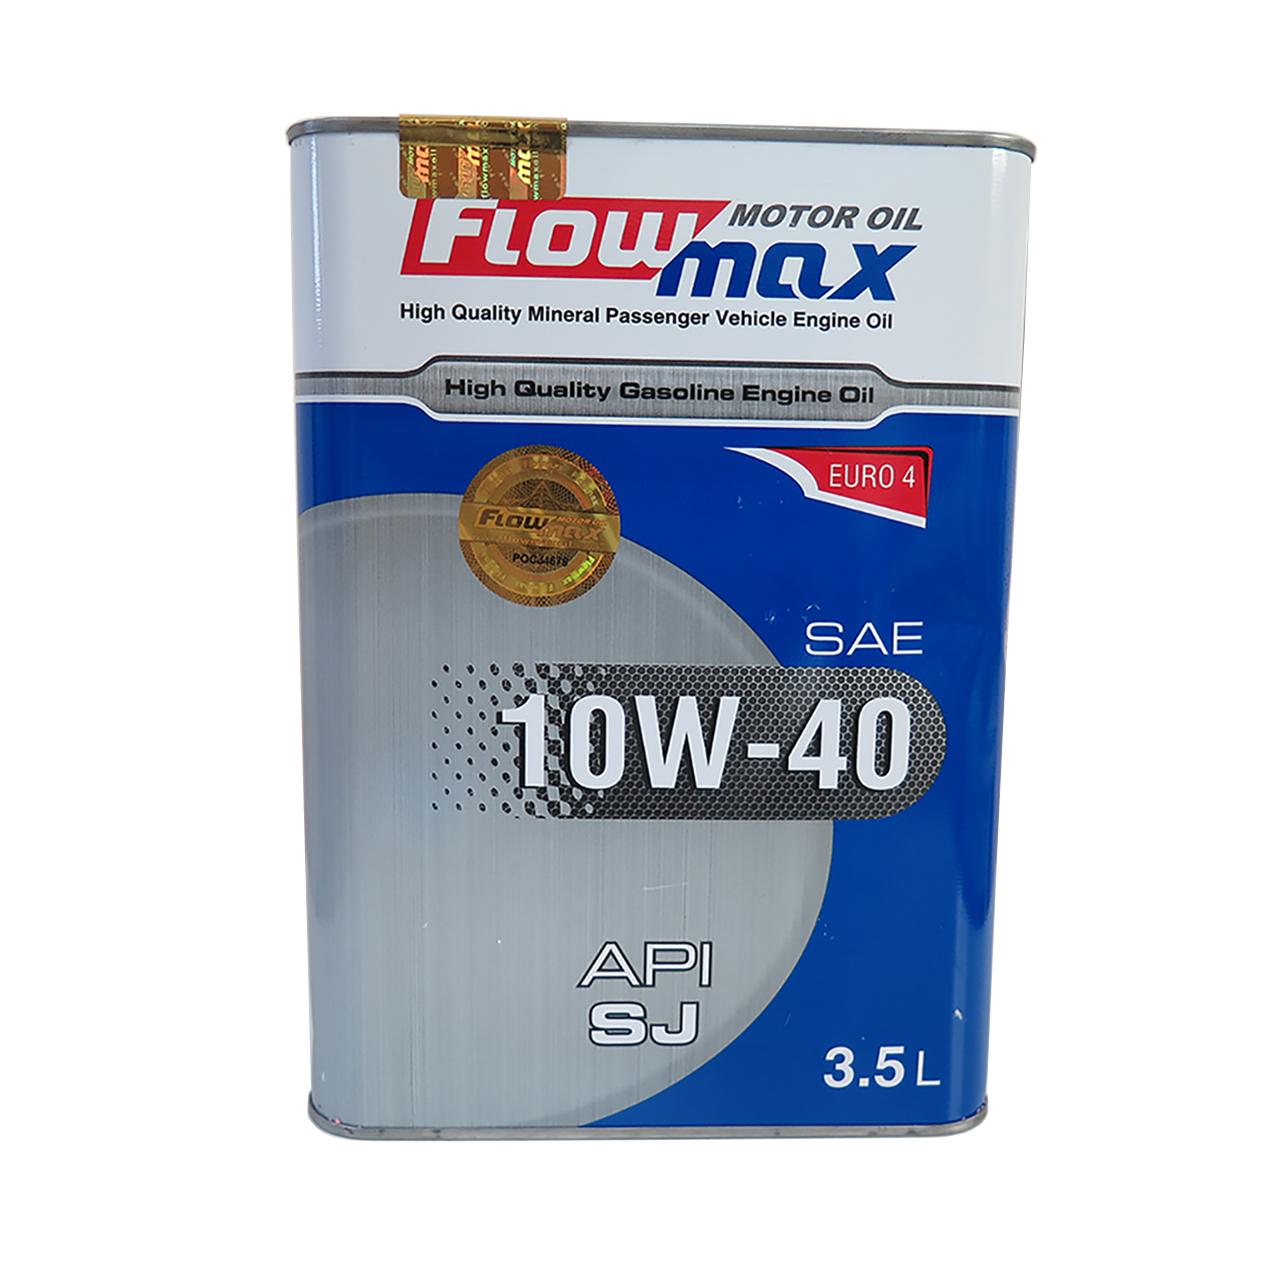 روغن موتور خودرو فلومکس مدل High Quality Mineral حجم 3.5 لیتر